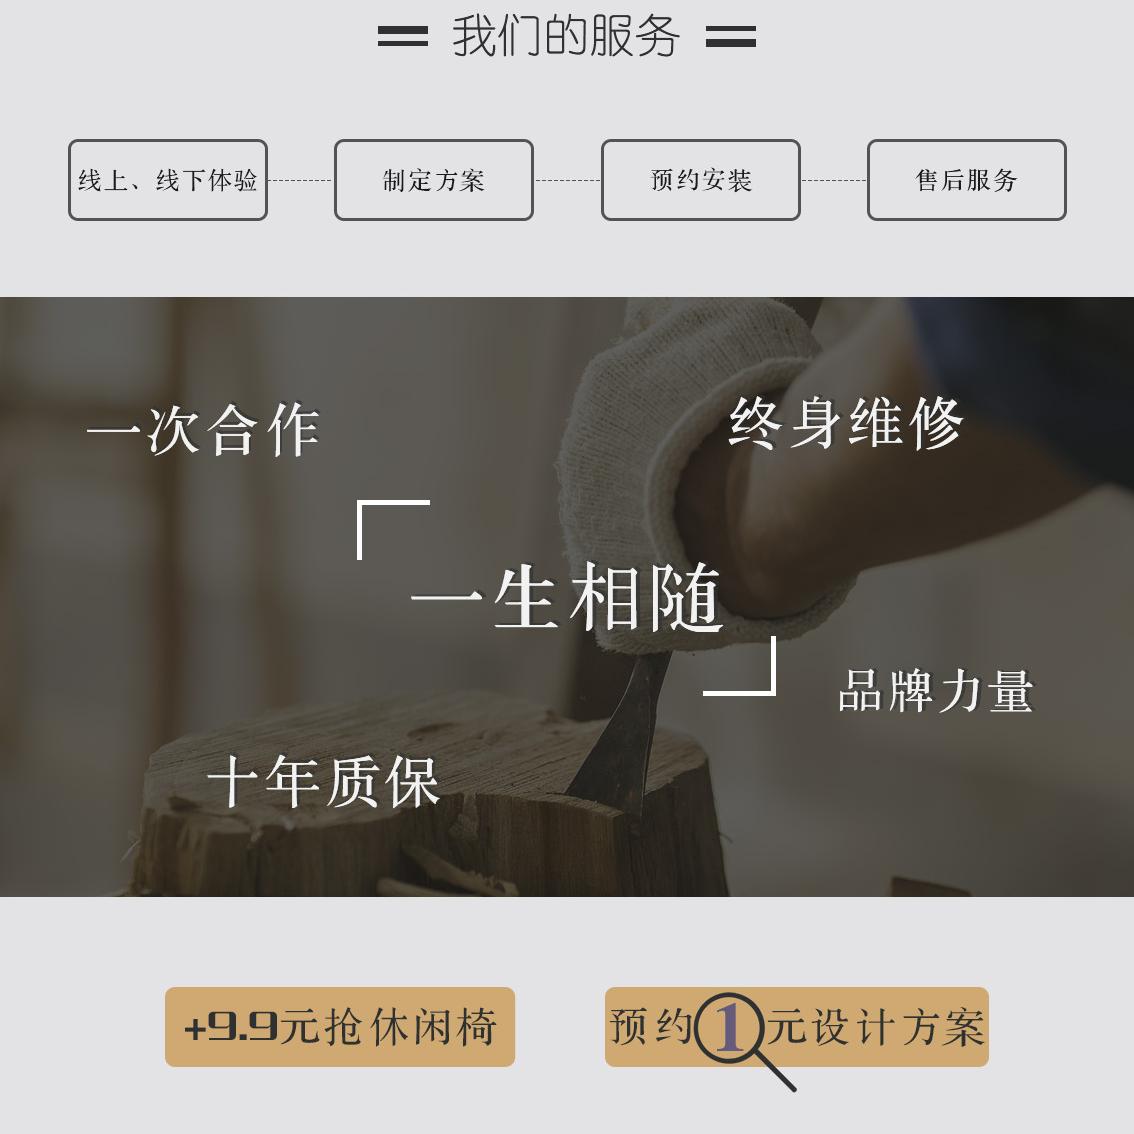 新中式家具 一元设计图片来自浙江阿家咪米在阿家咪米新年9.9元抢实木休闲椅的分享